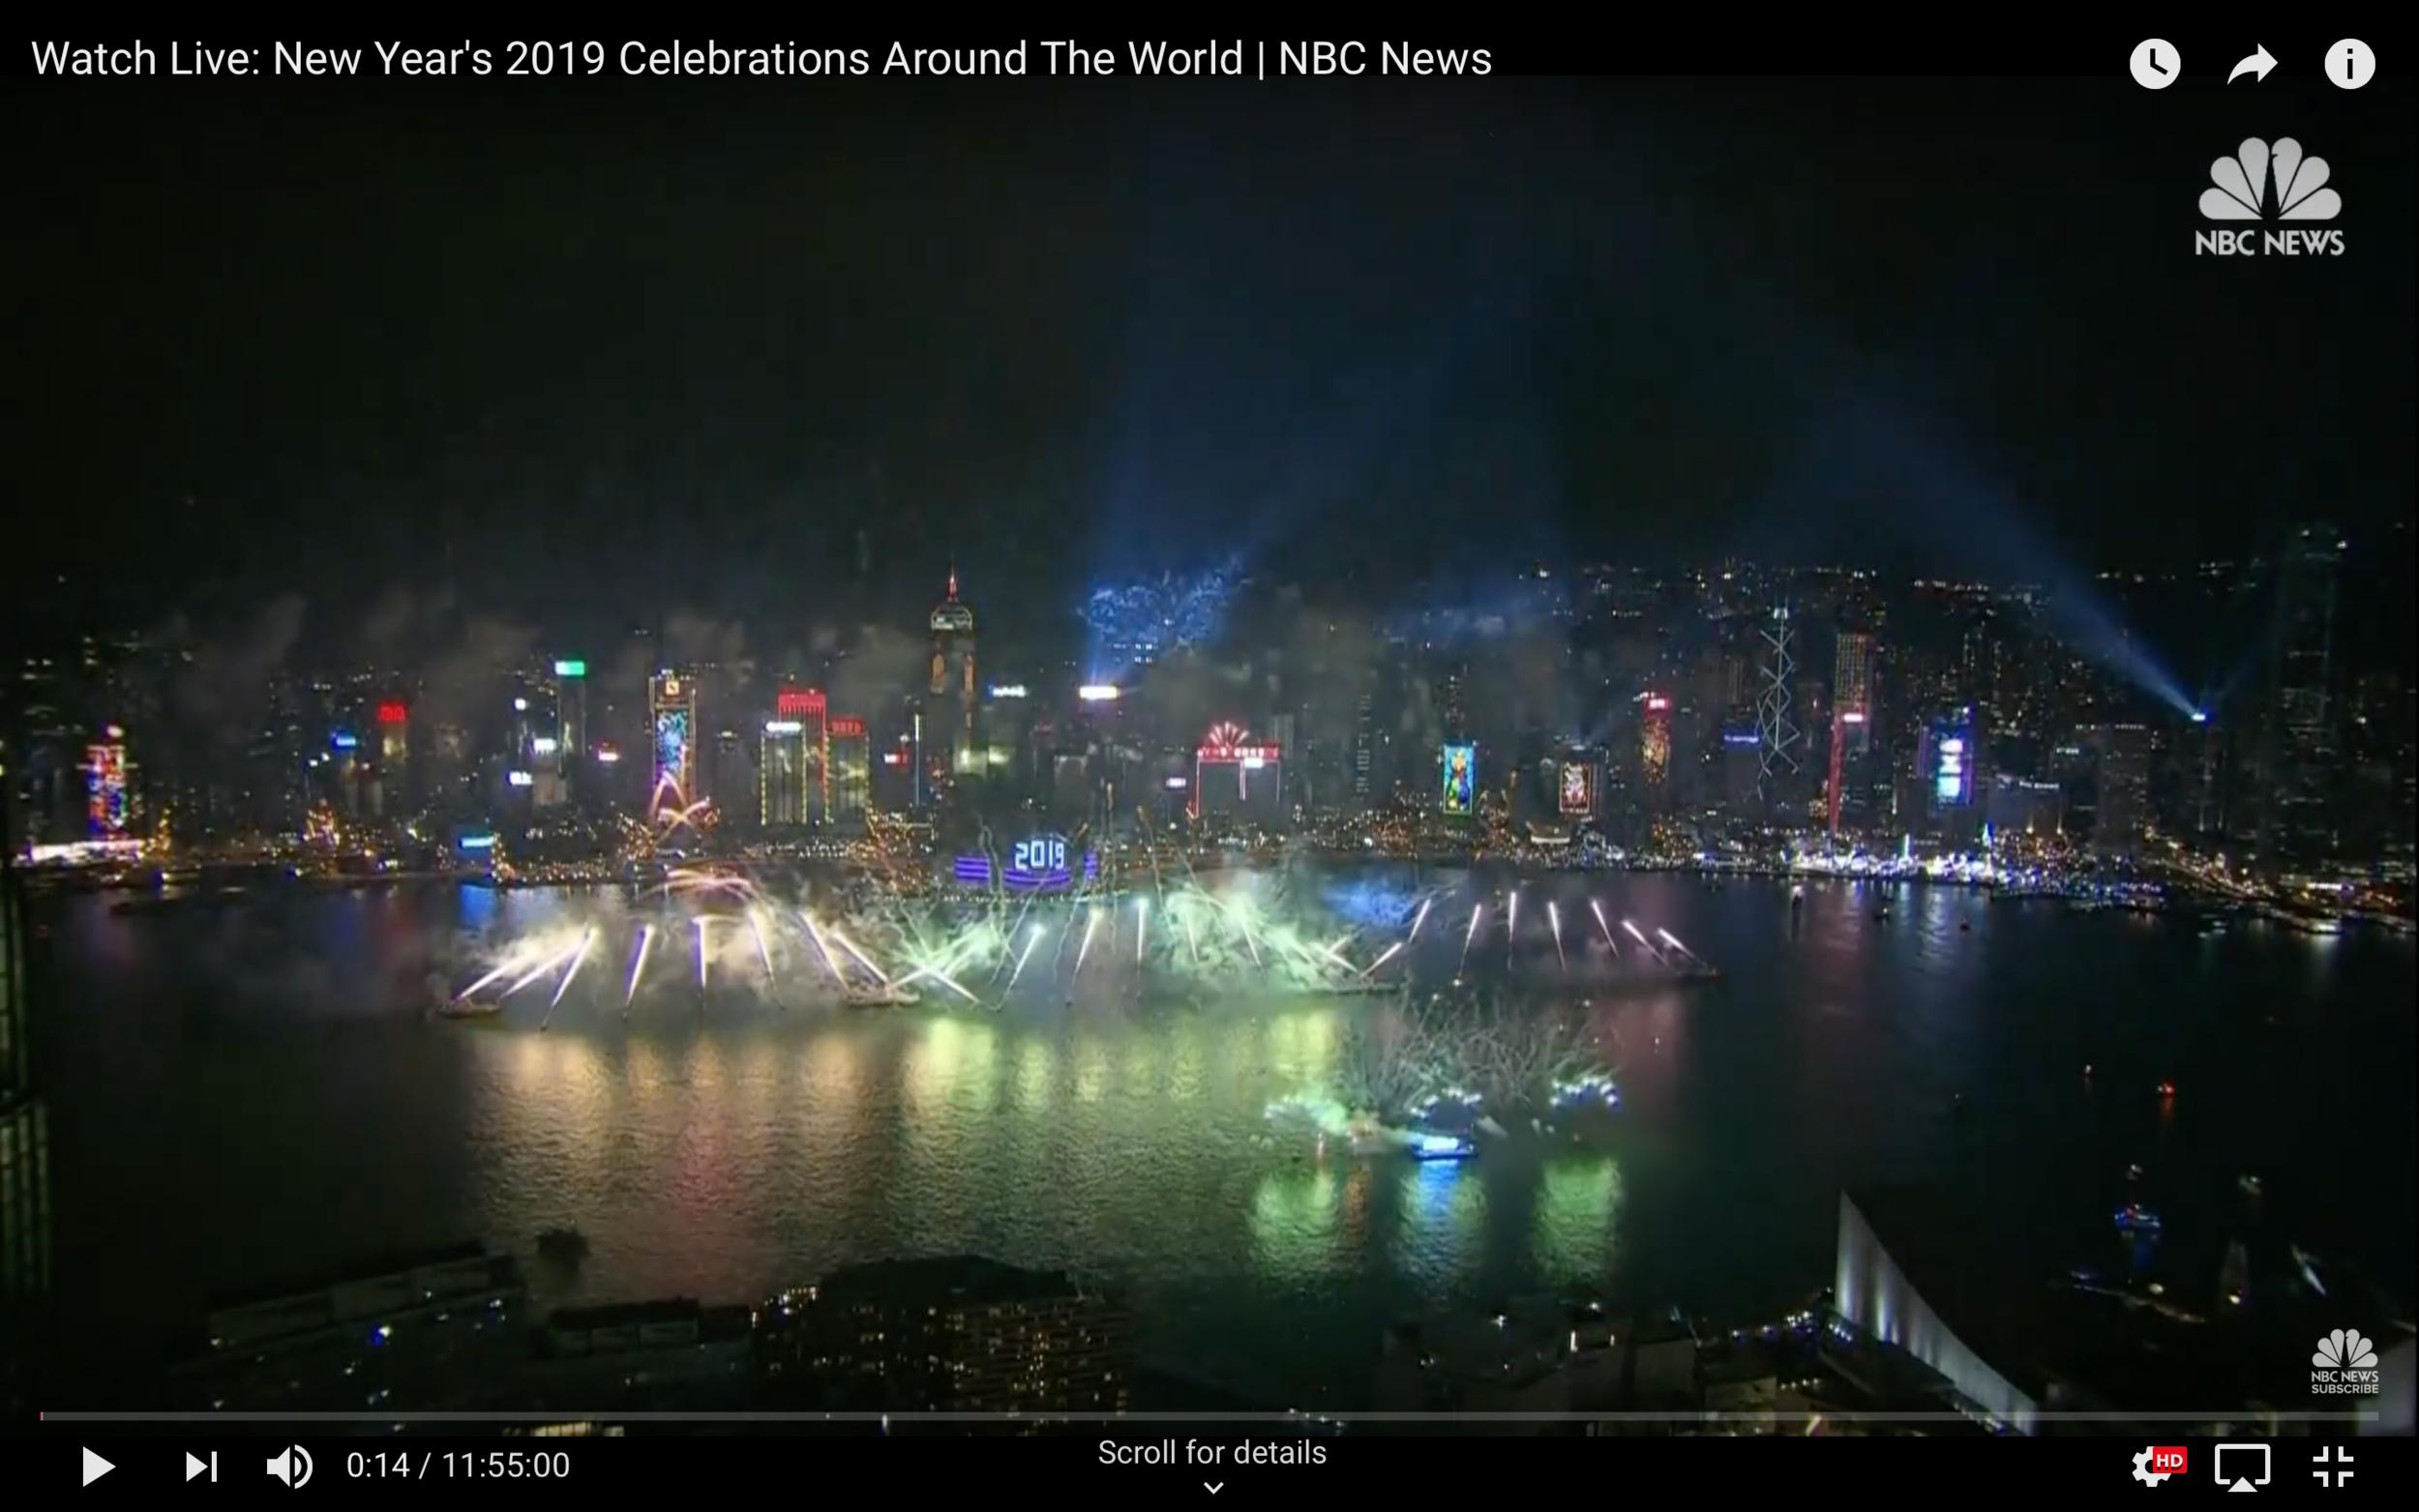 NYEve 2018 Celebrations Around the World -NBC News YouTube